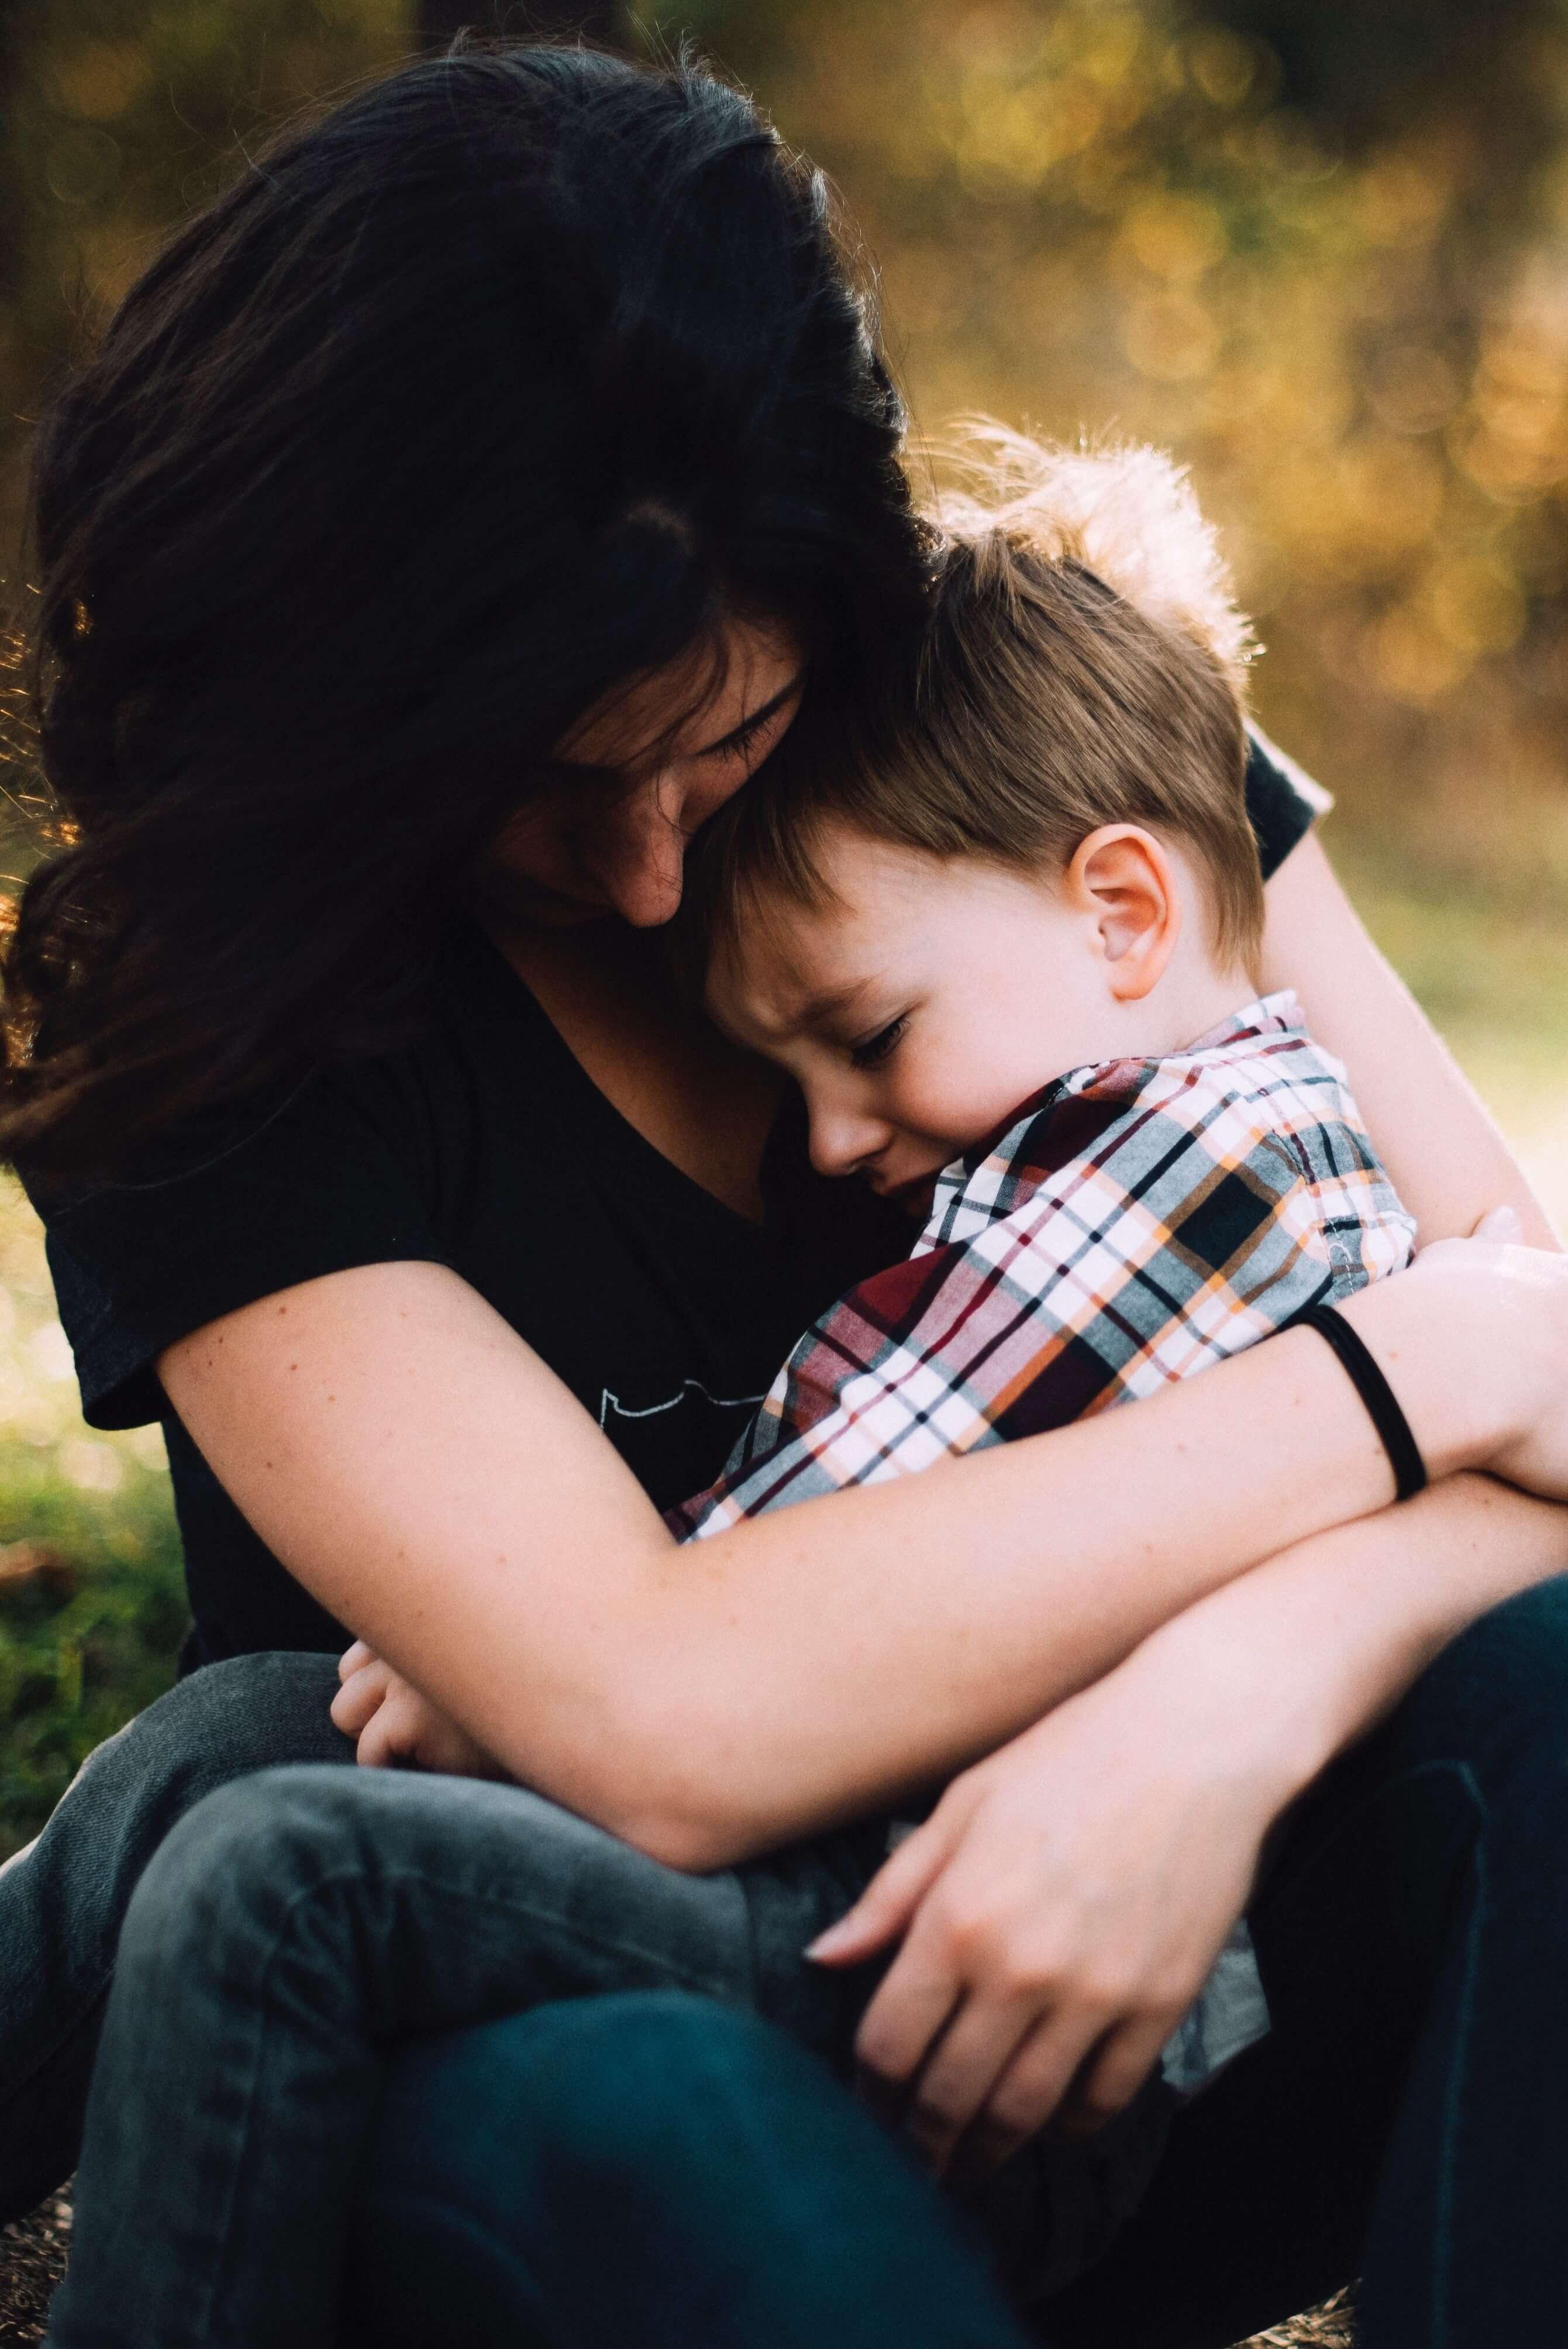 روش های پیشنهادی شما برای جلوگیری از گم شدن کودکان